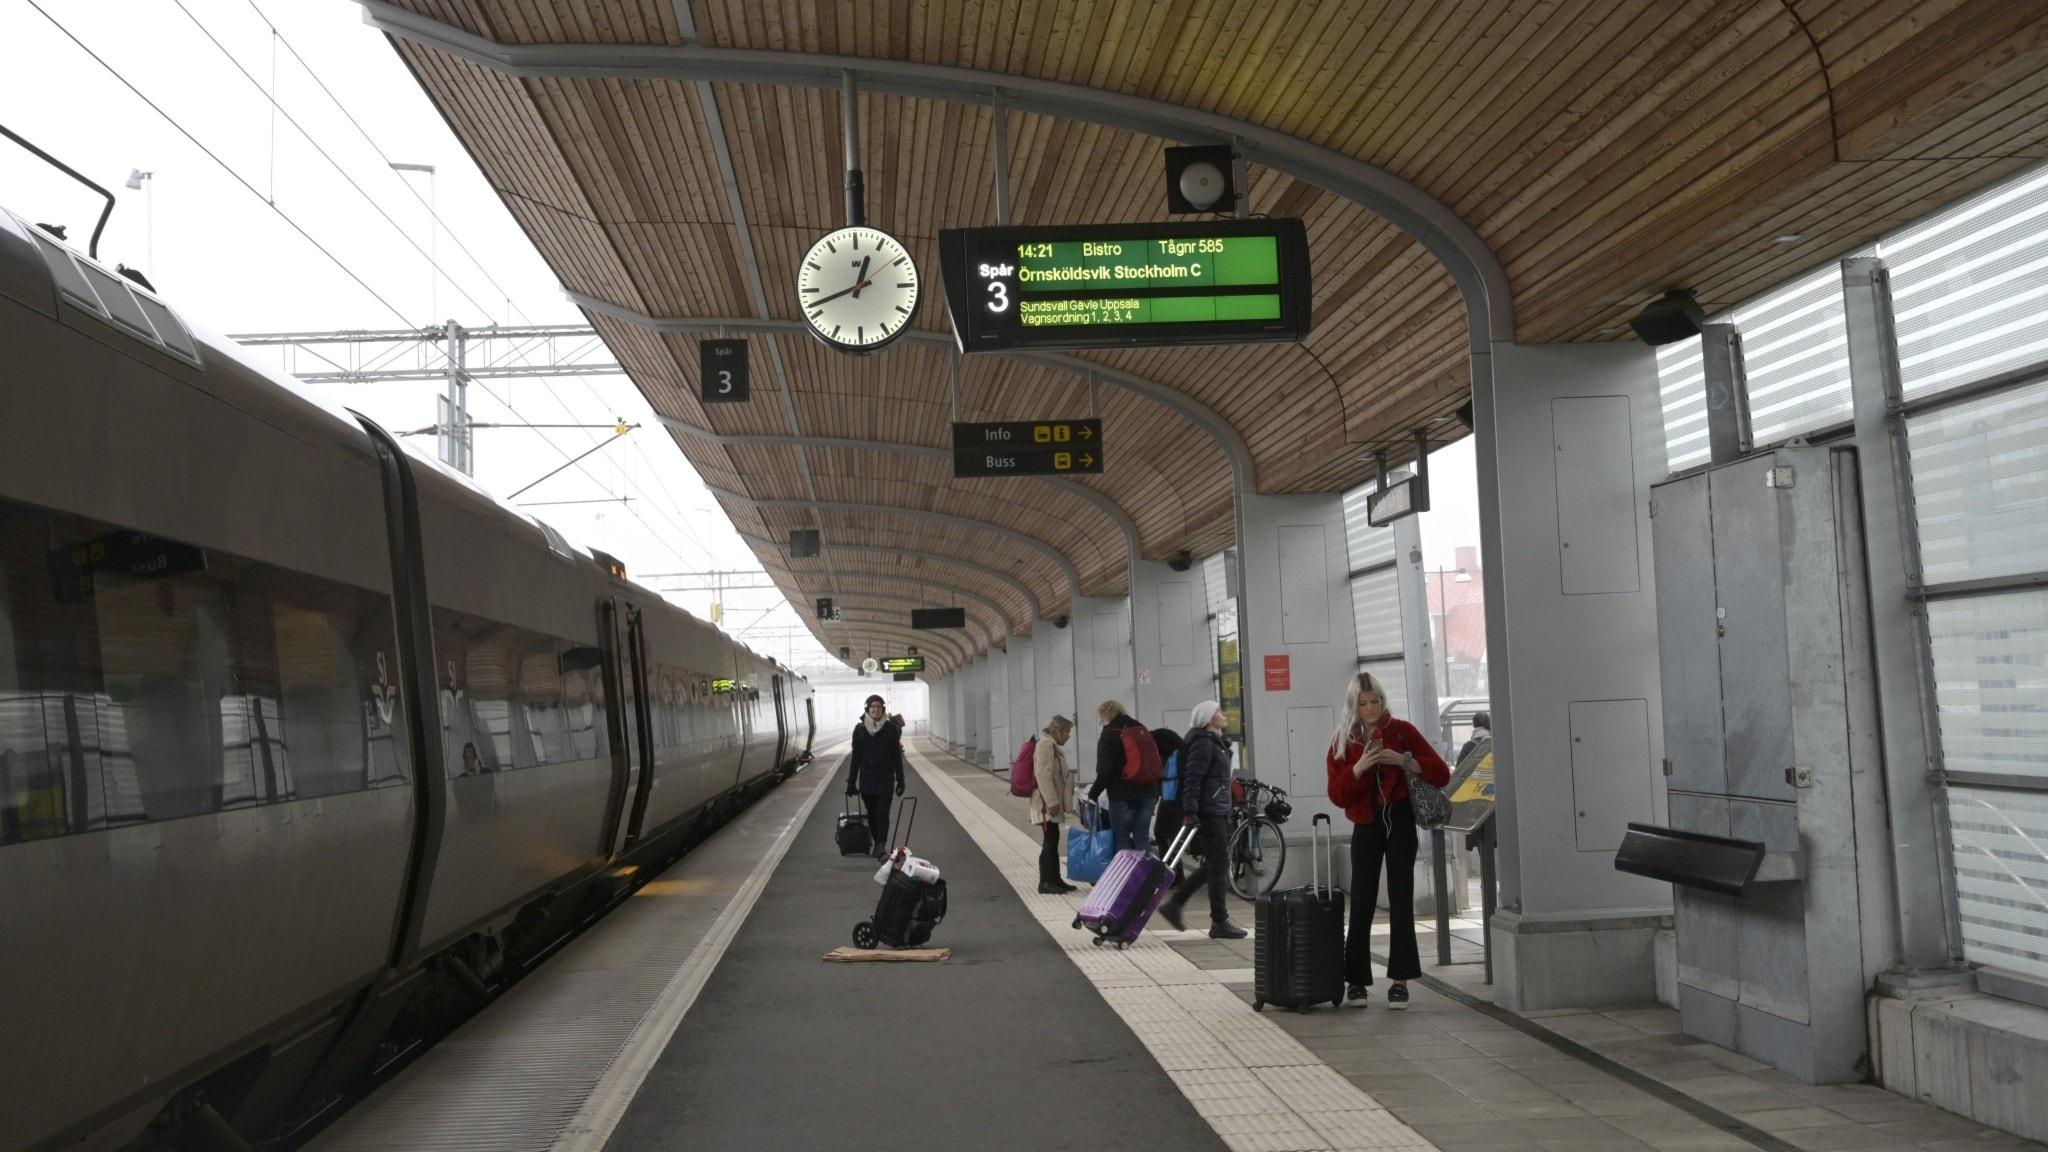 File photo of Swedish train.